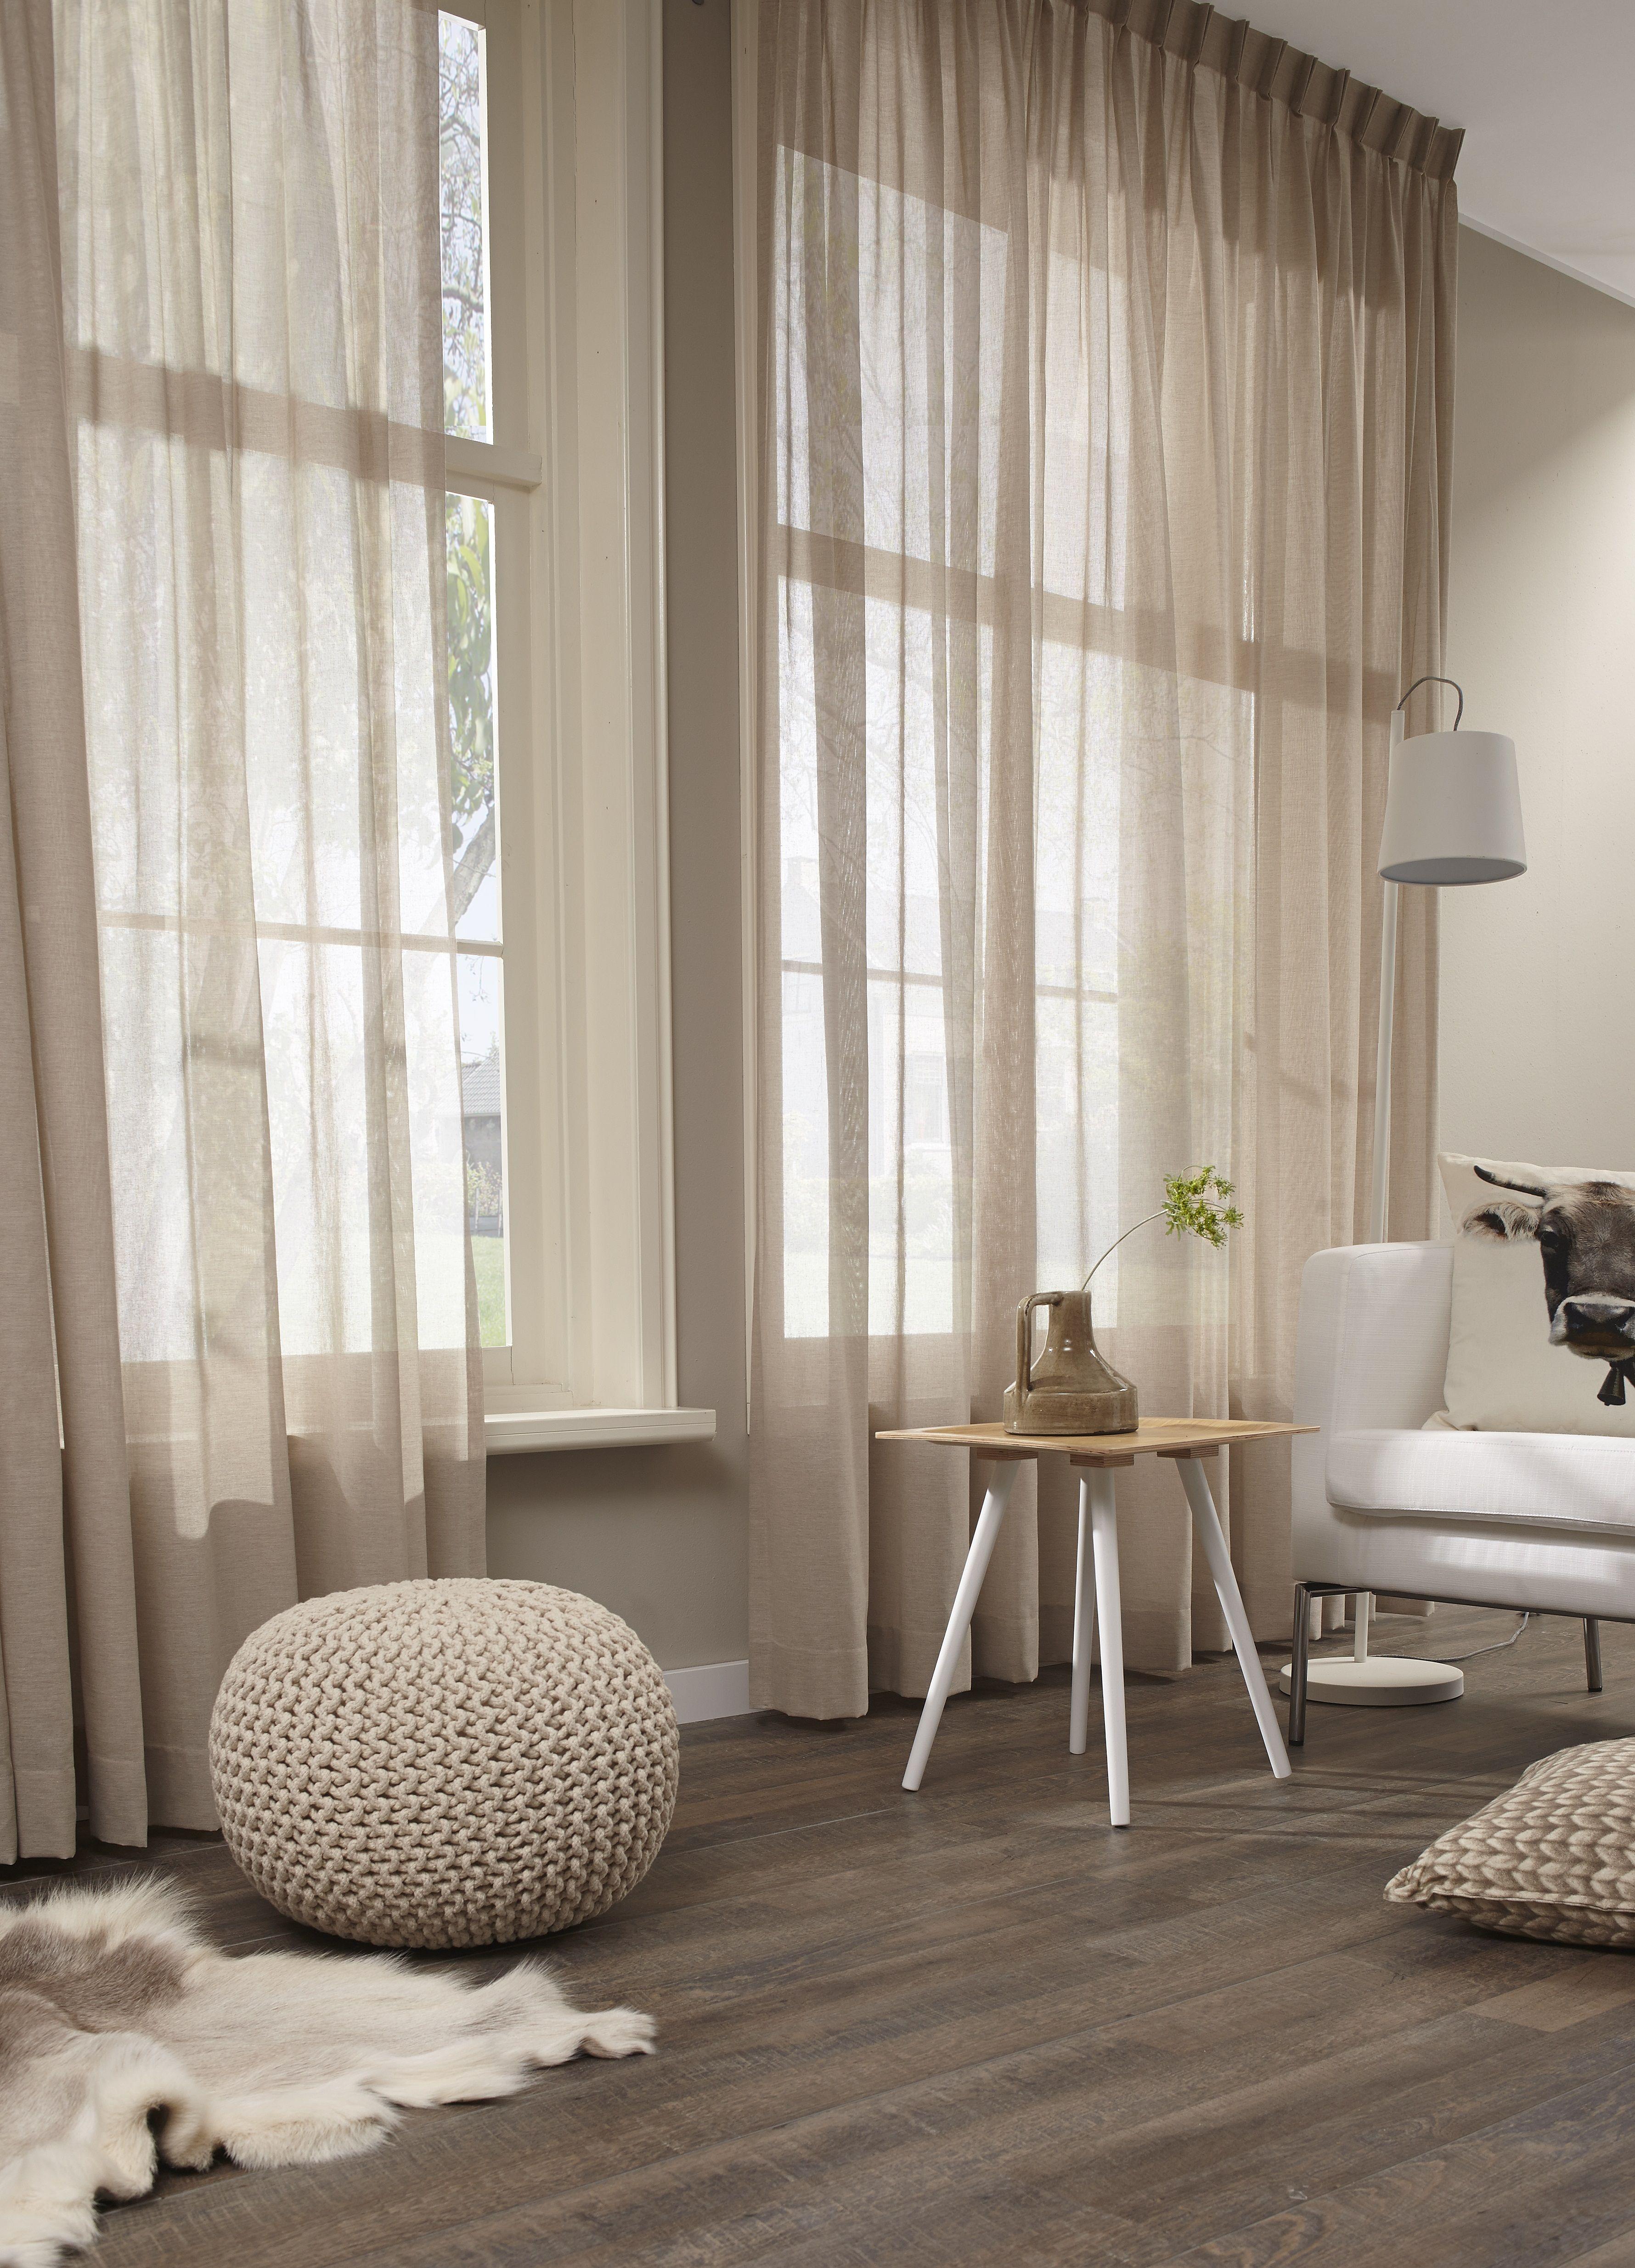 Praxis | Gordijnen brengen een mooie sfeer in elke kamer in je huis ...